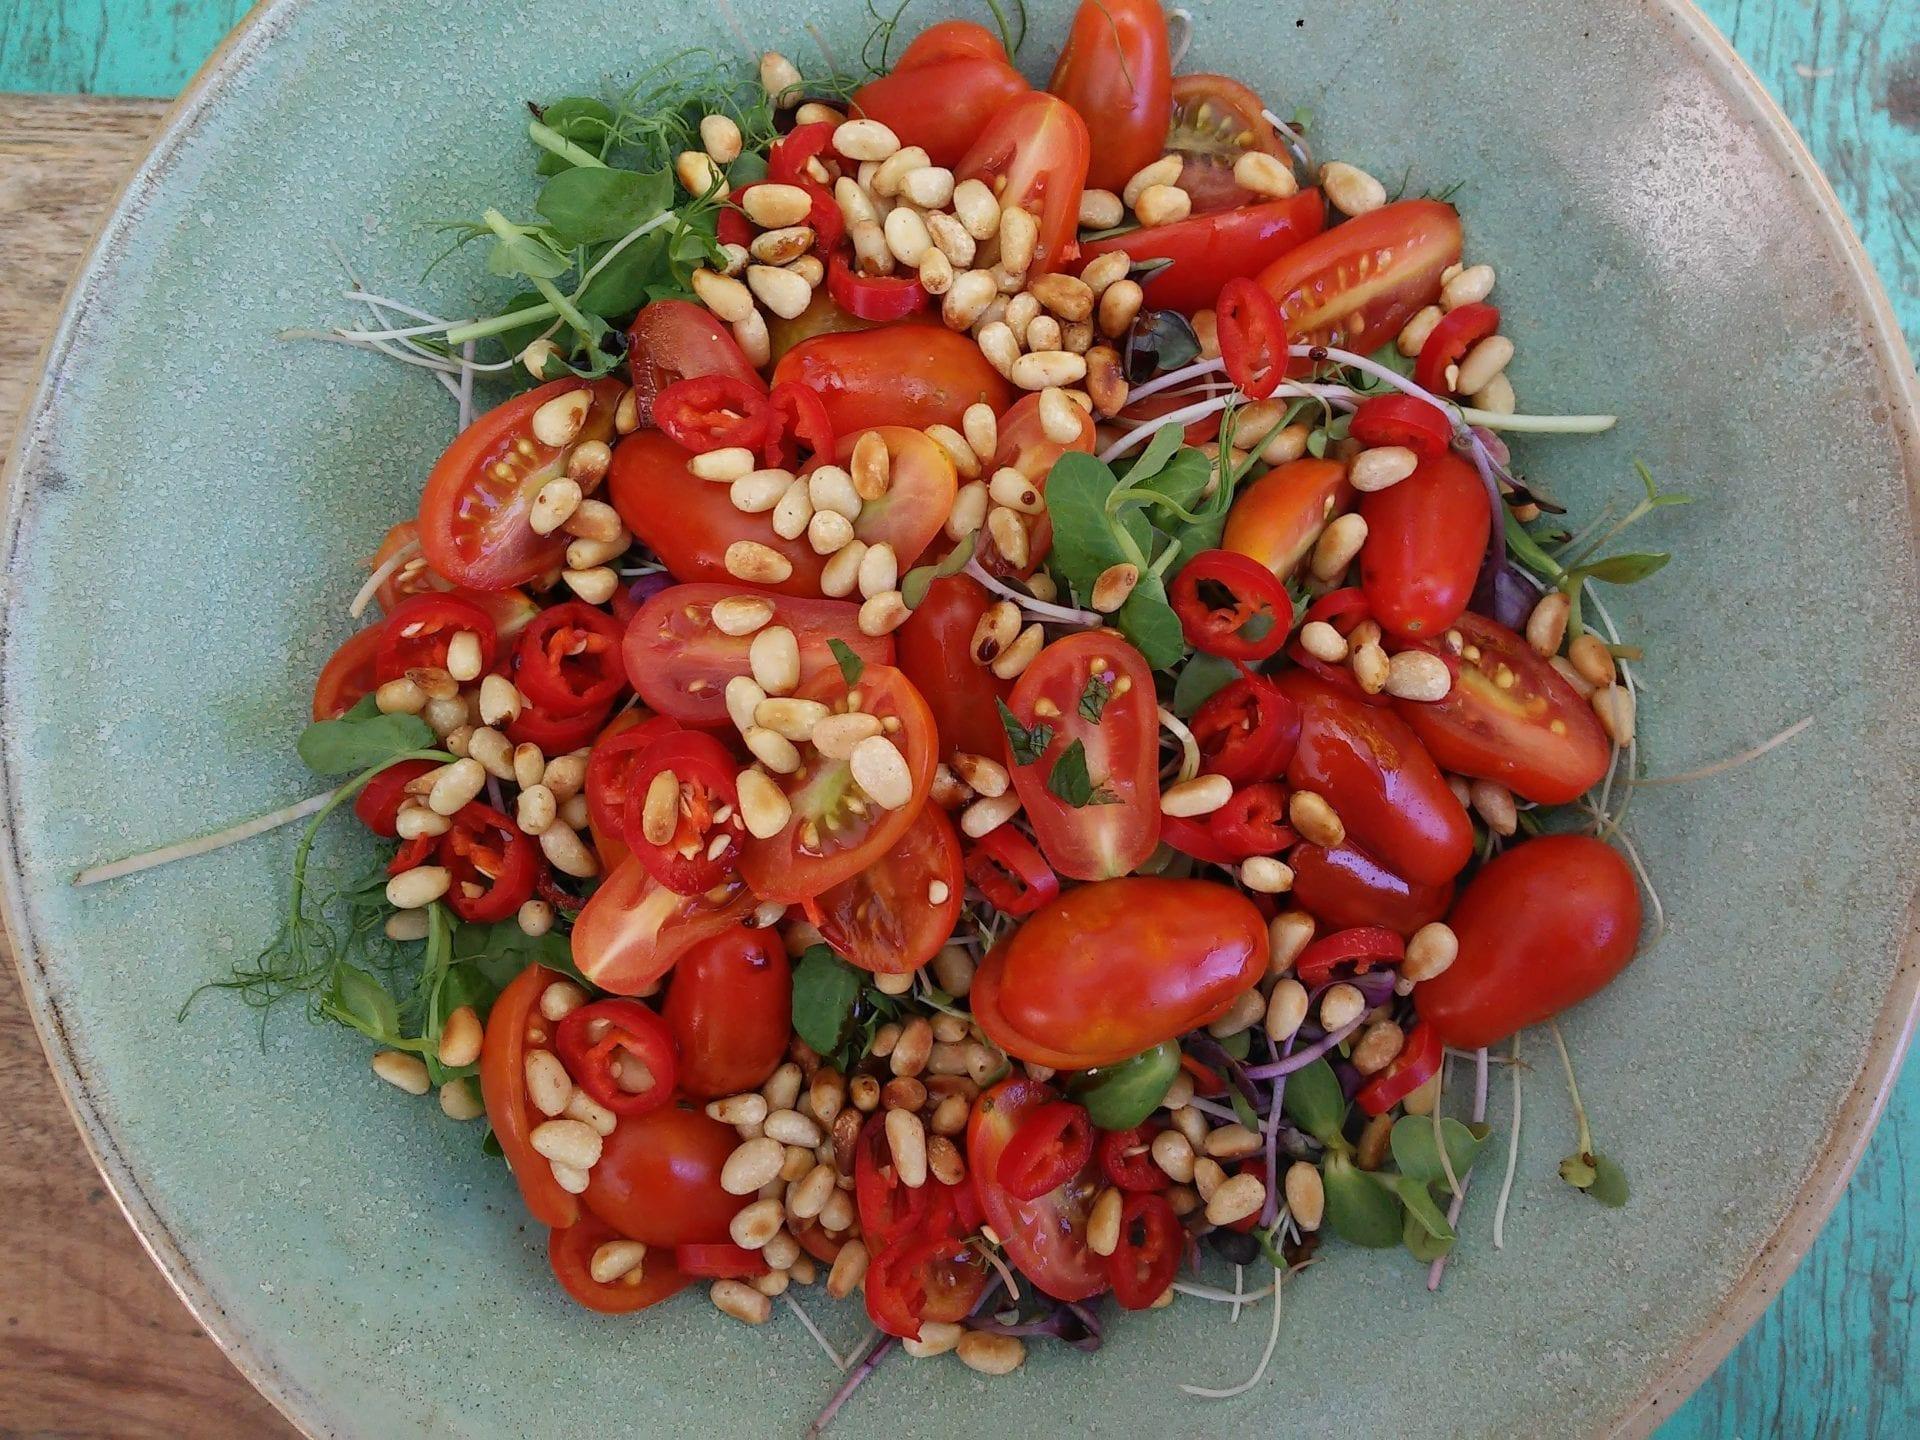 סלט עגבניות קיצי חריף ומרענן שלא תוכלו להפסיק לאכול